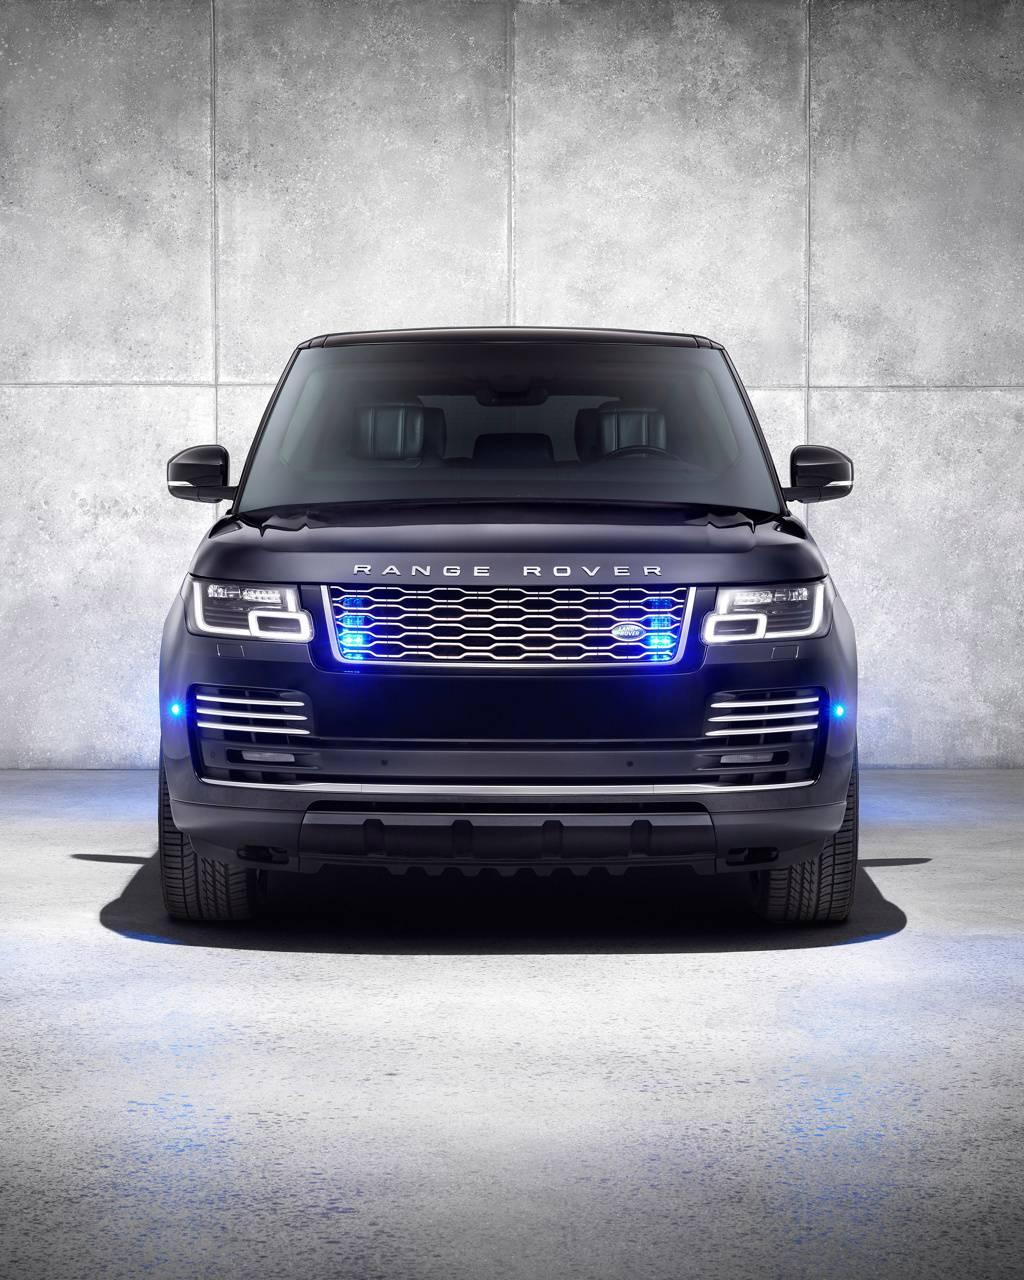 Range Rover 019